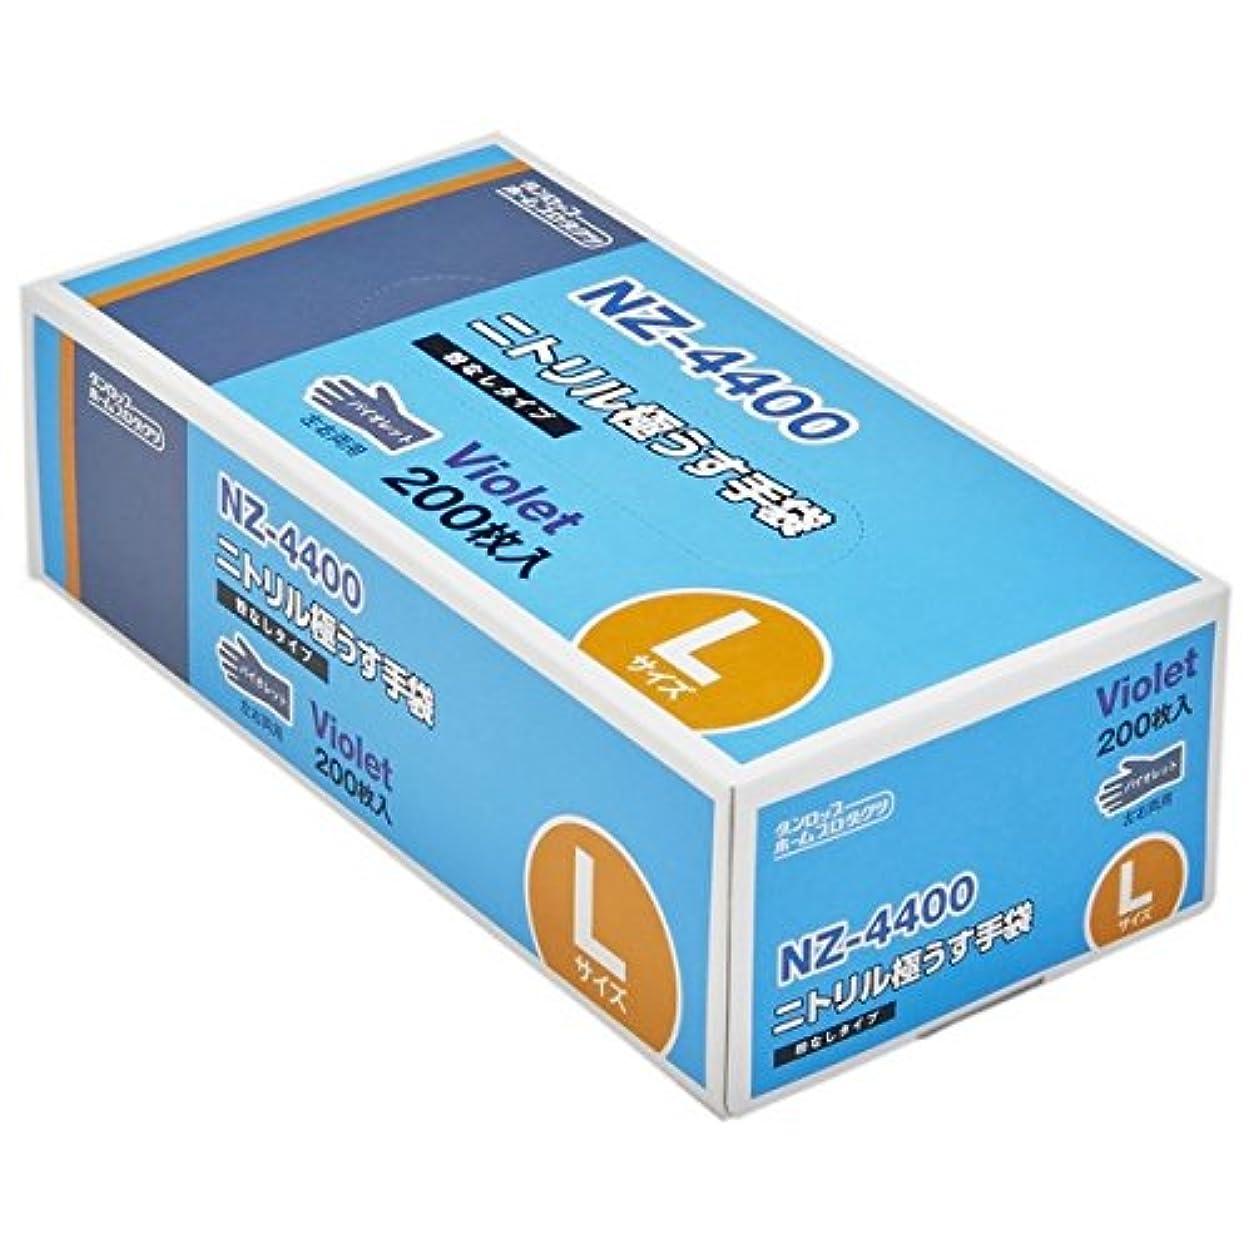 飢え食い違い順応性のあるダンロップ ニトリル極うす手袋 NZ-4400 バイオレット 粉なし Lサイズ 200枚入